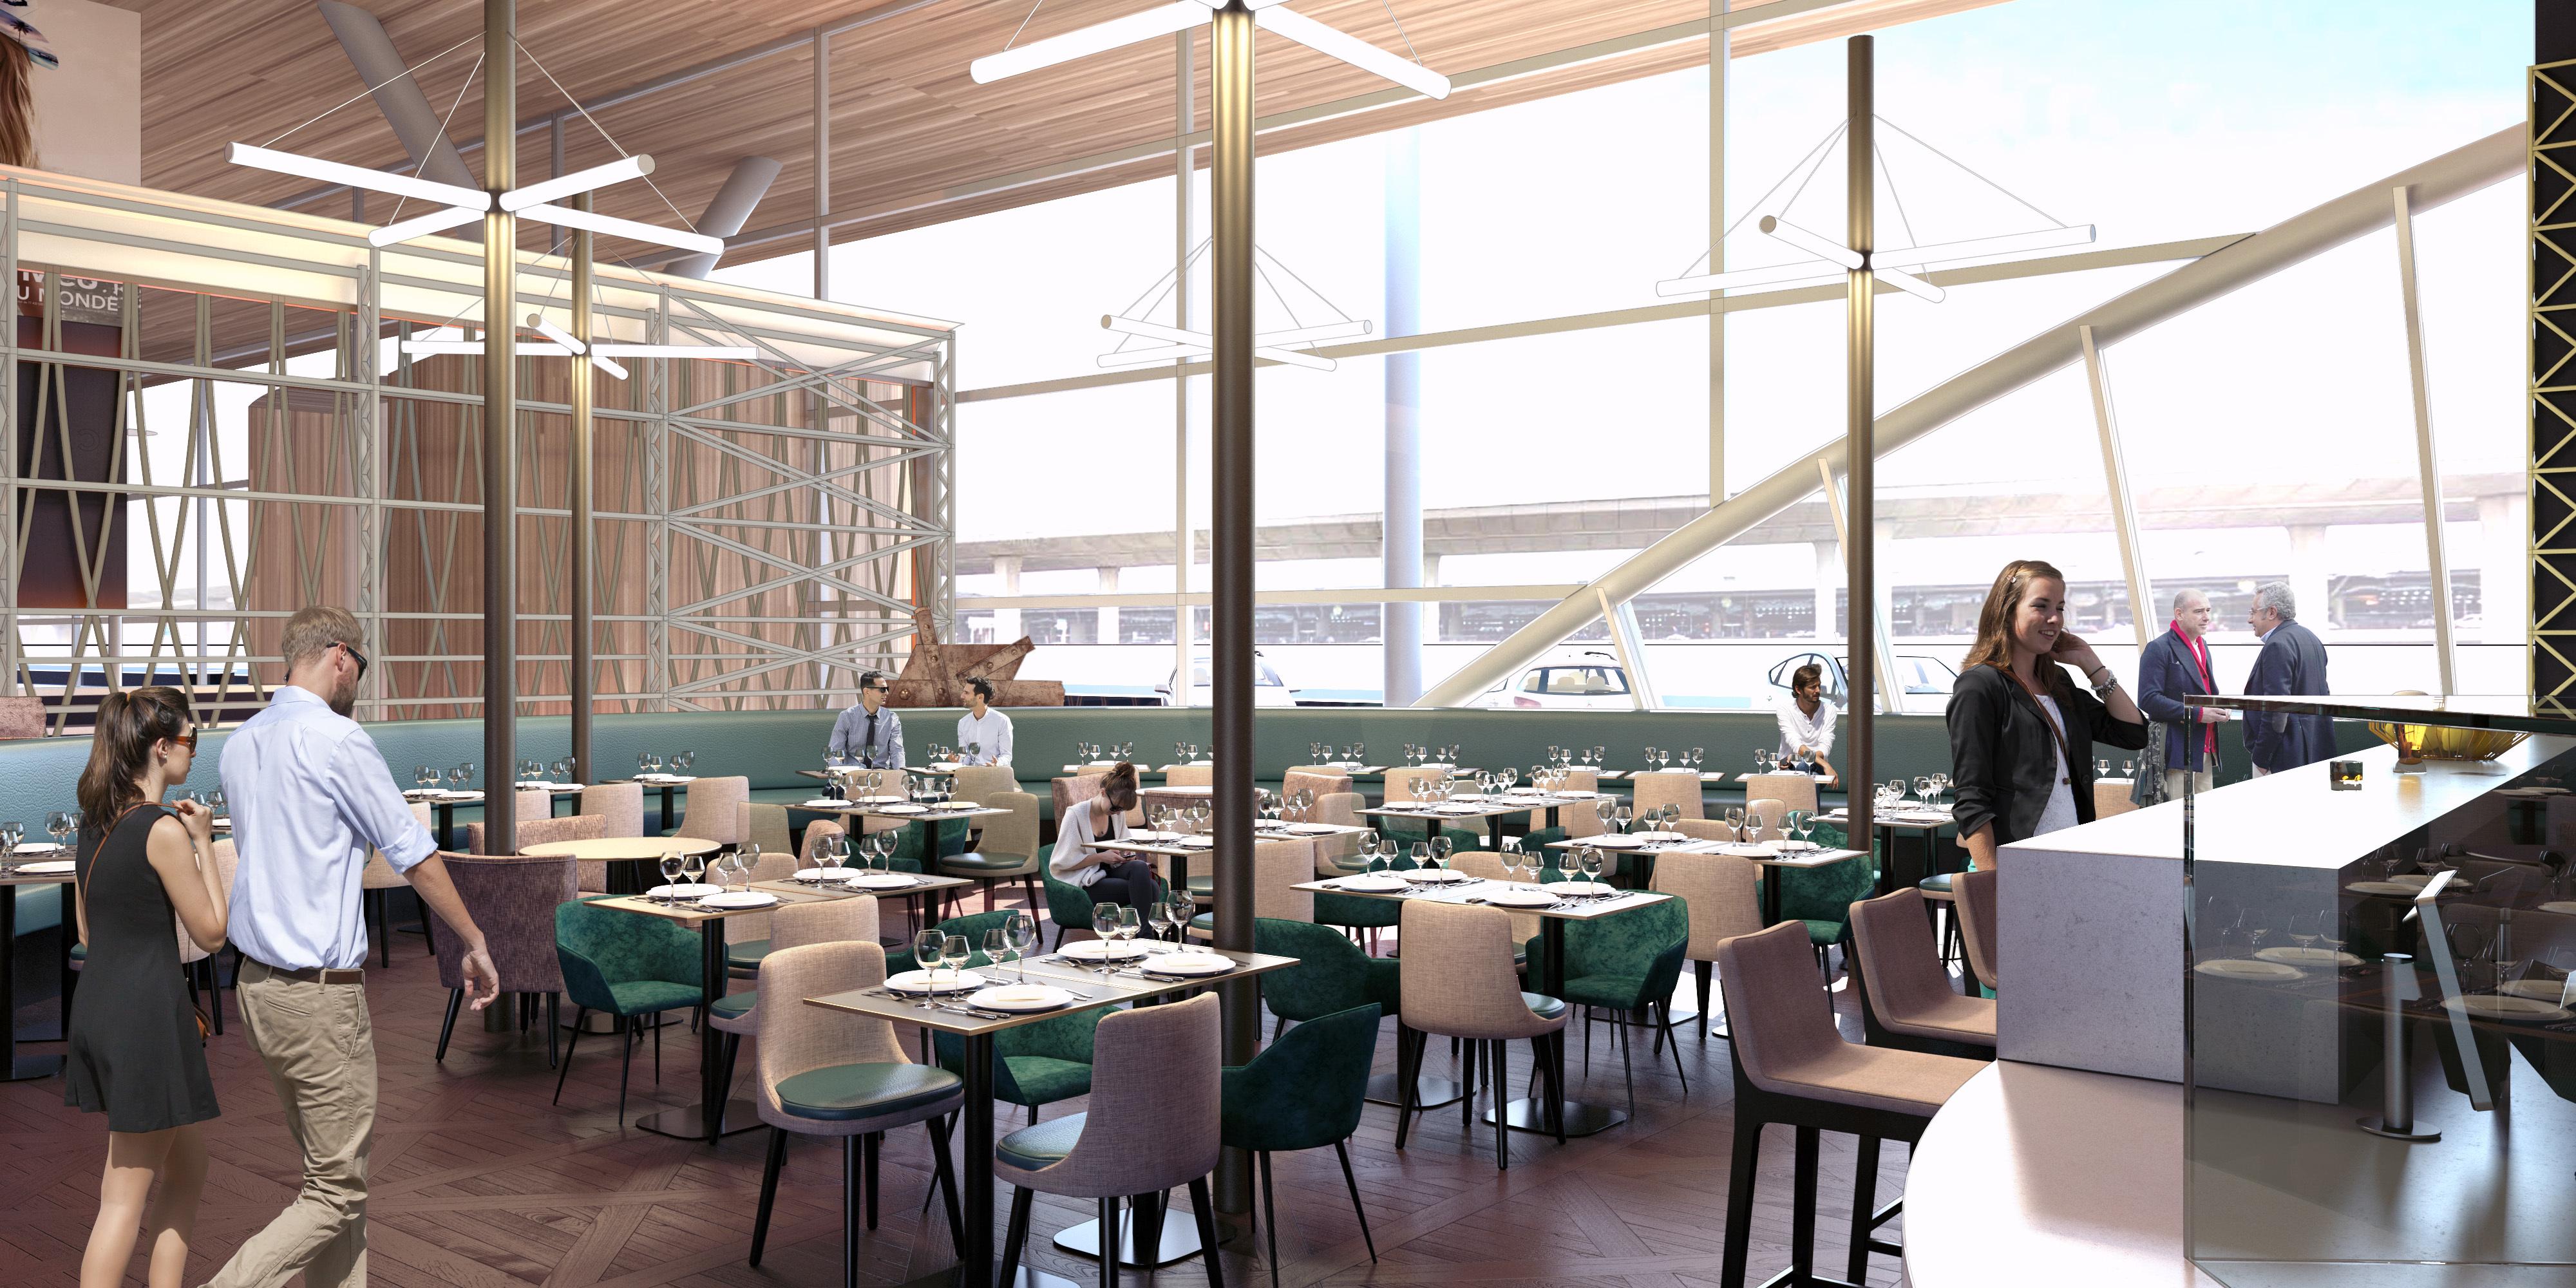 Vue du Café Eiffel au sein du terminal 2 de l'aéroport Paris-Charles de Gaulle © GROUPE ADP